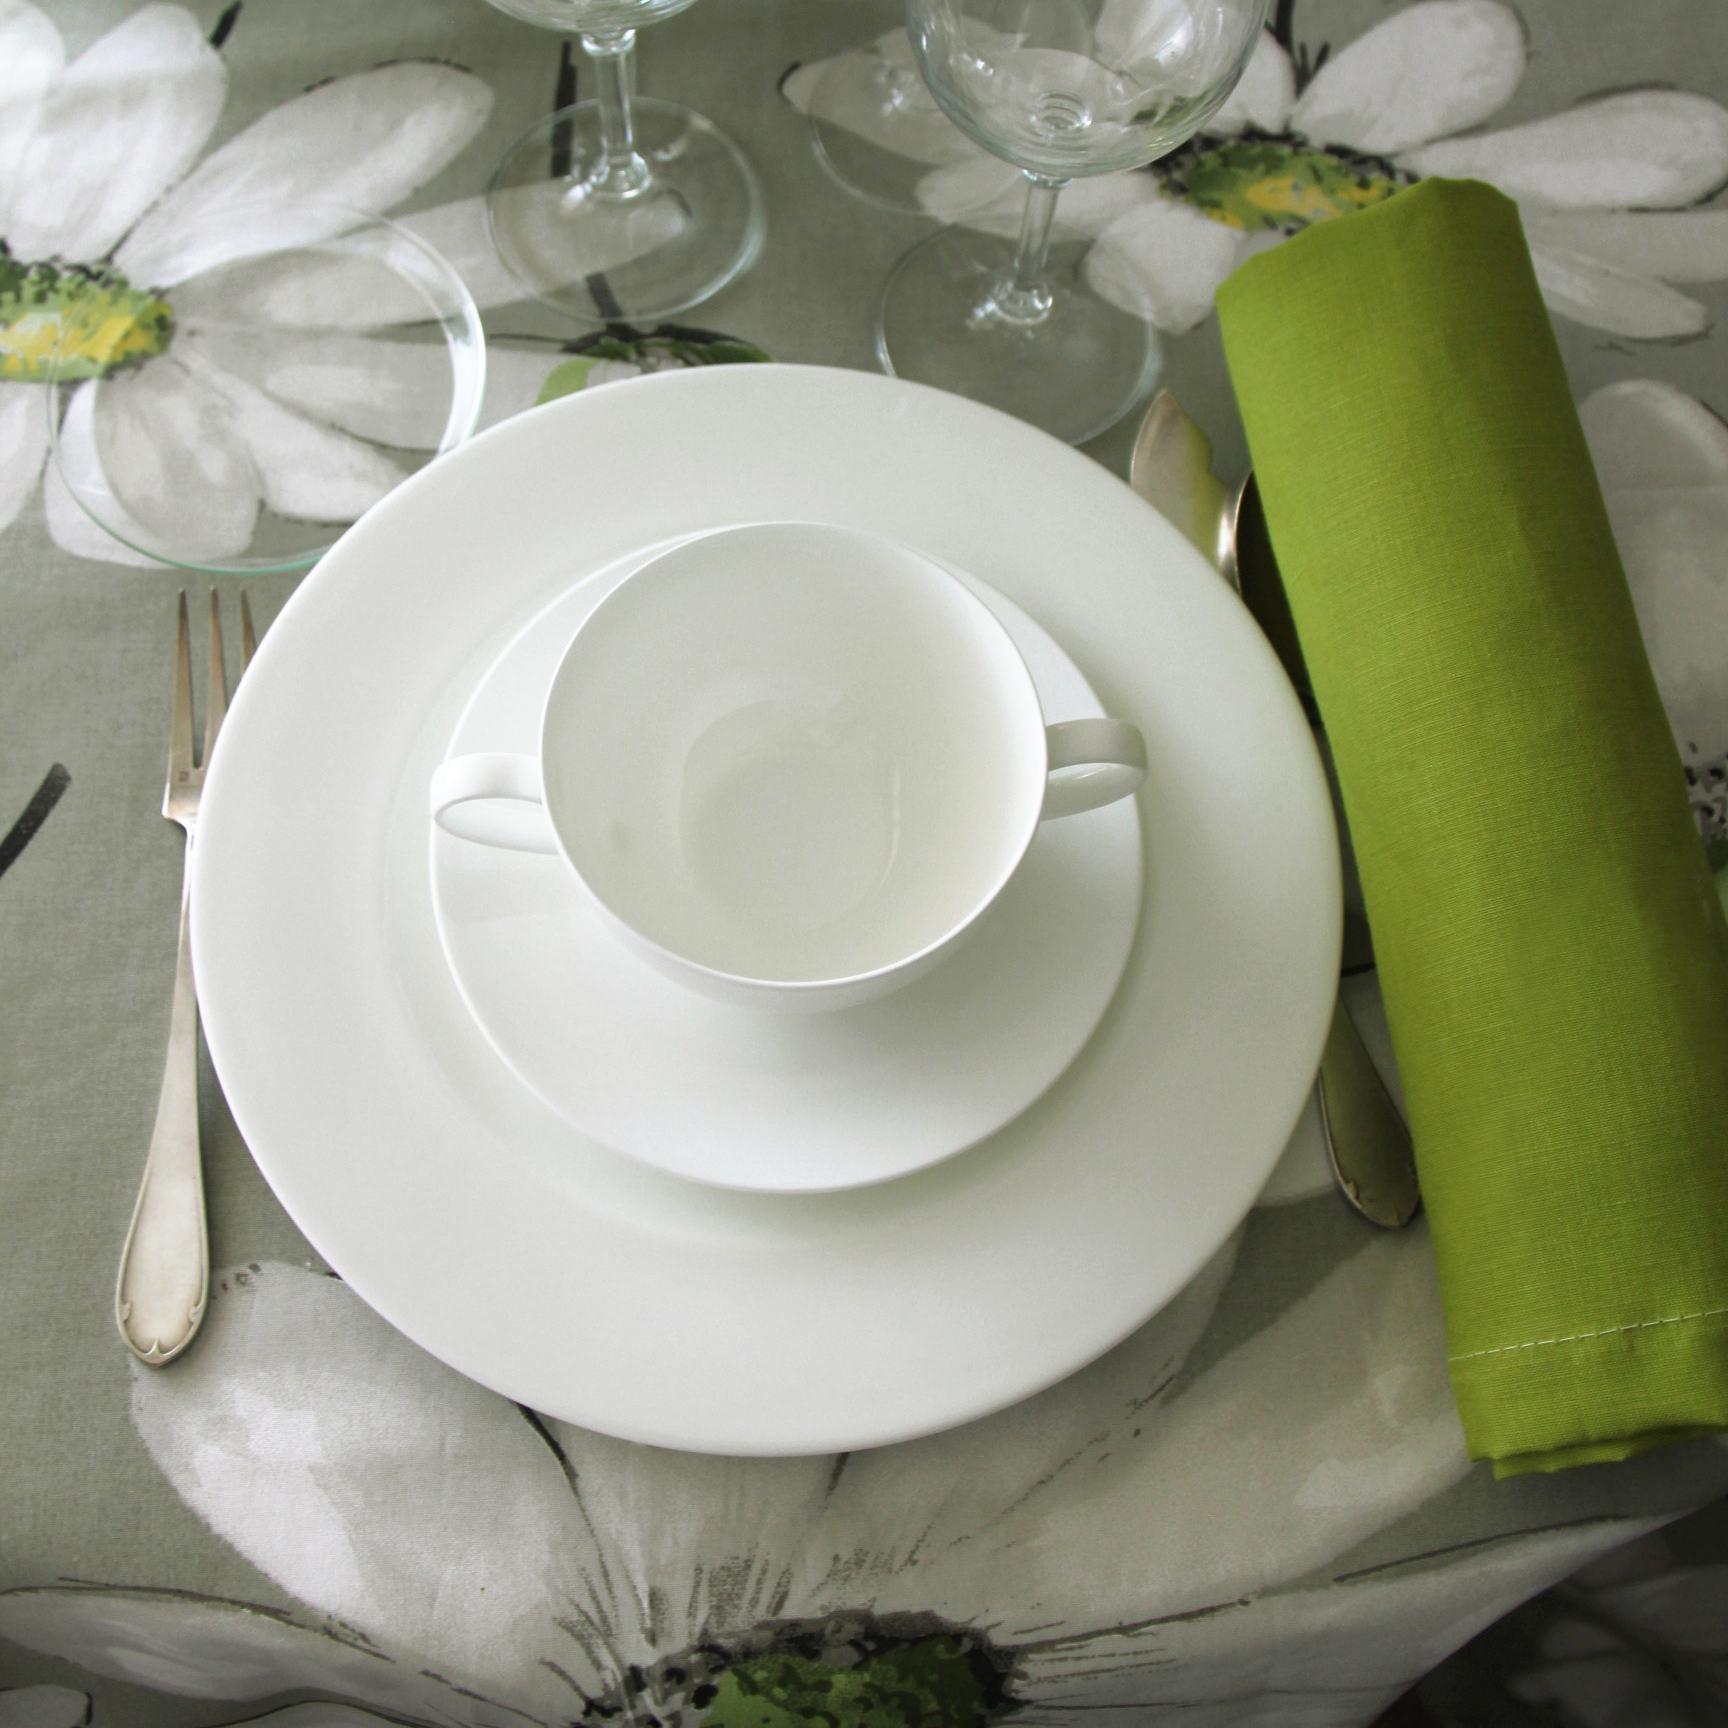 Greta naturel con cuatro combinaciones de servilletas 100% lino: servilleta blanca, servilleta piedra, servilleta gris y servilleta pistacho